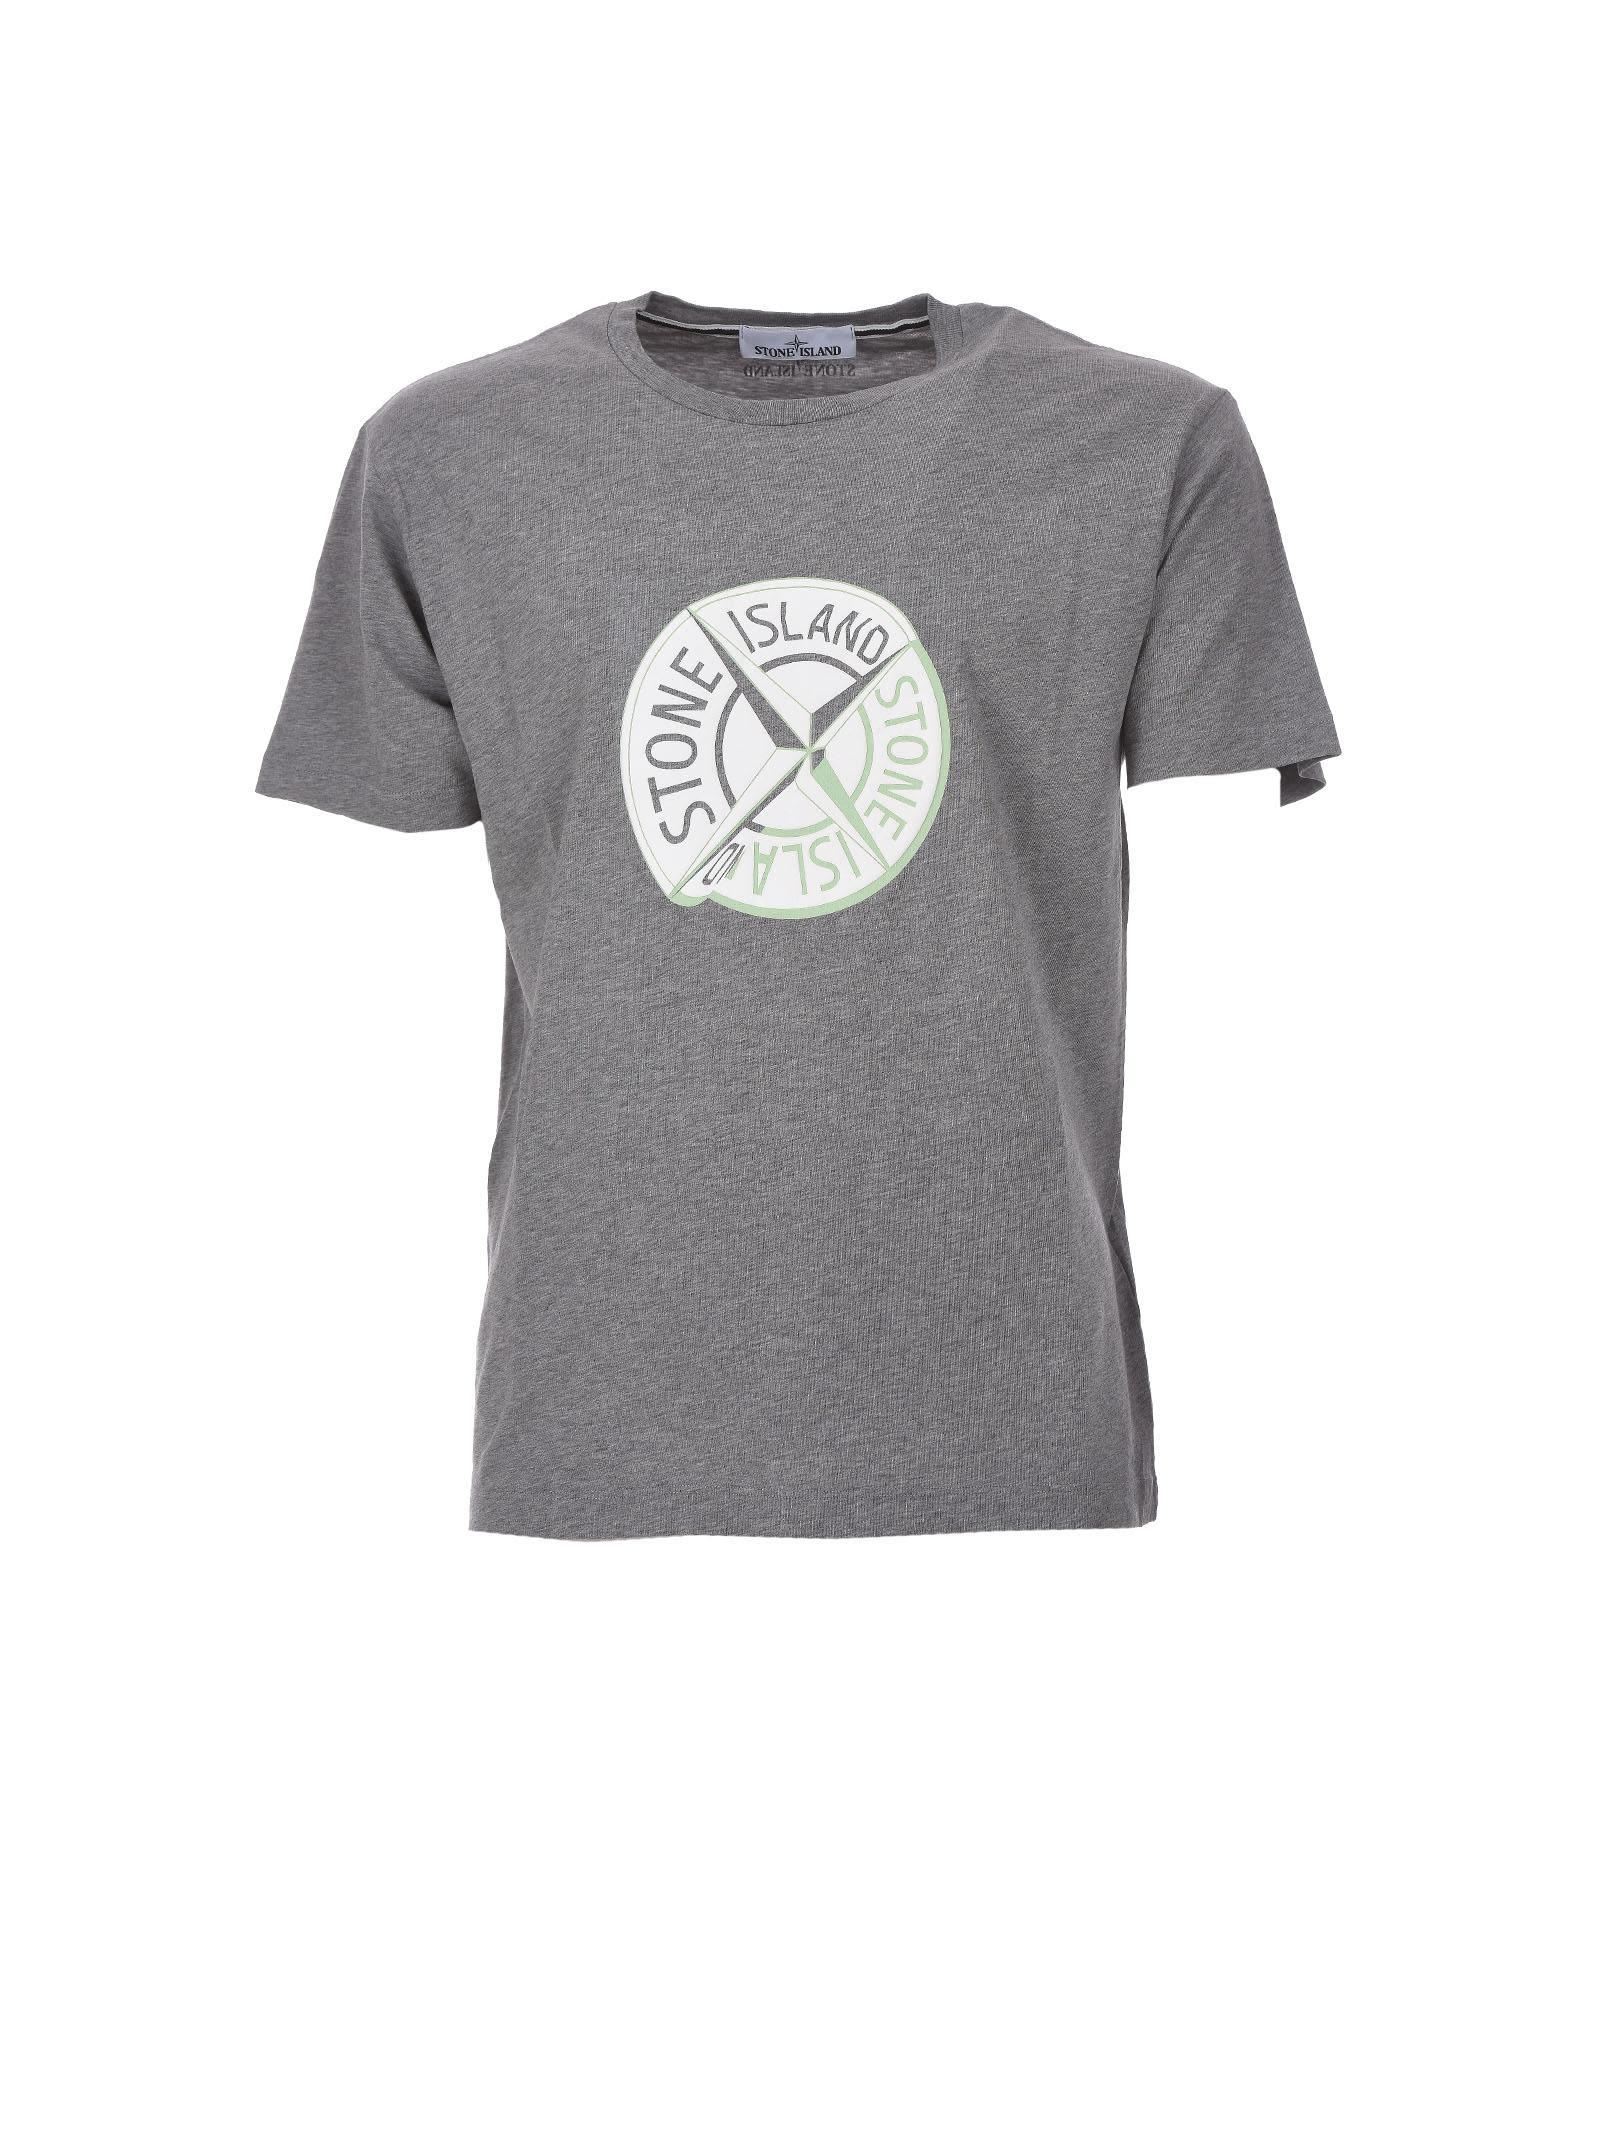 Stone Island Gray T-shirt Graphic Ten